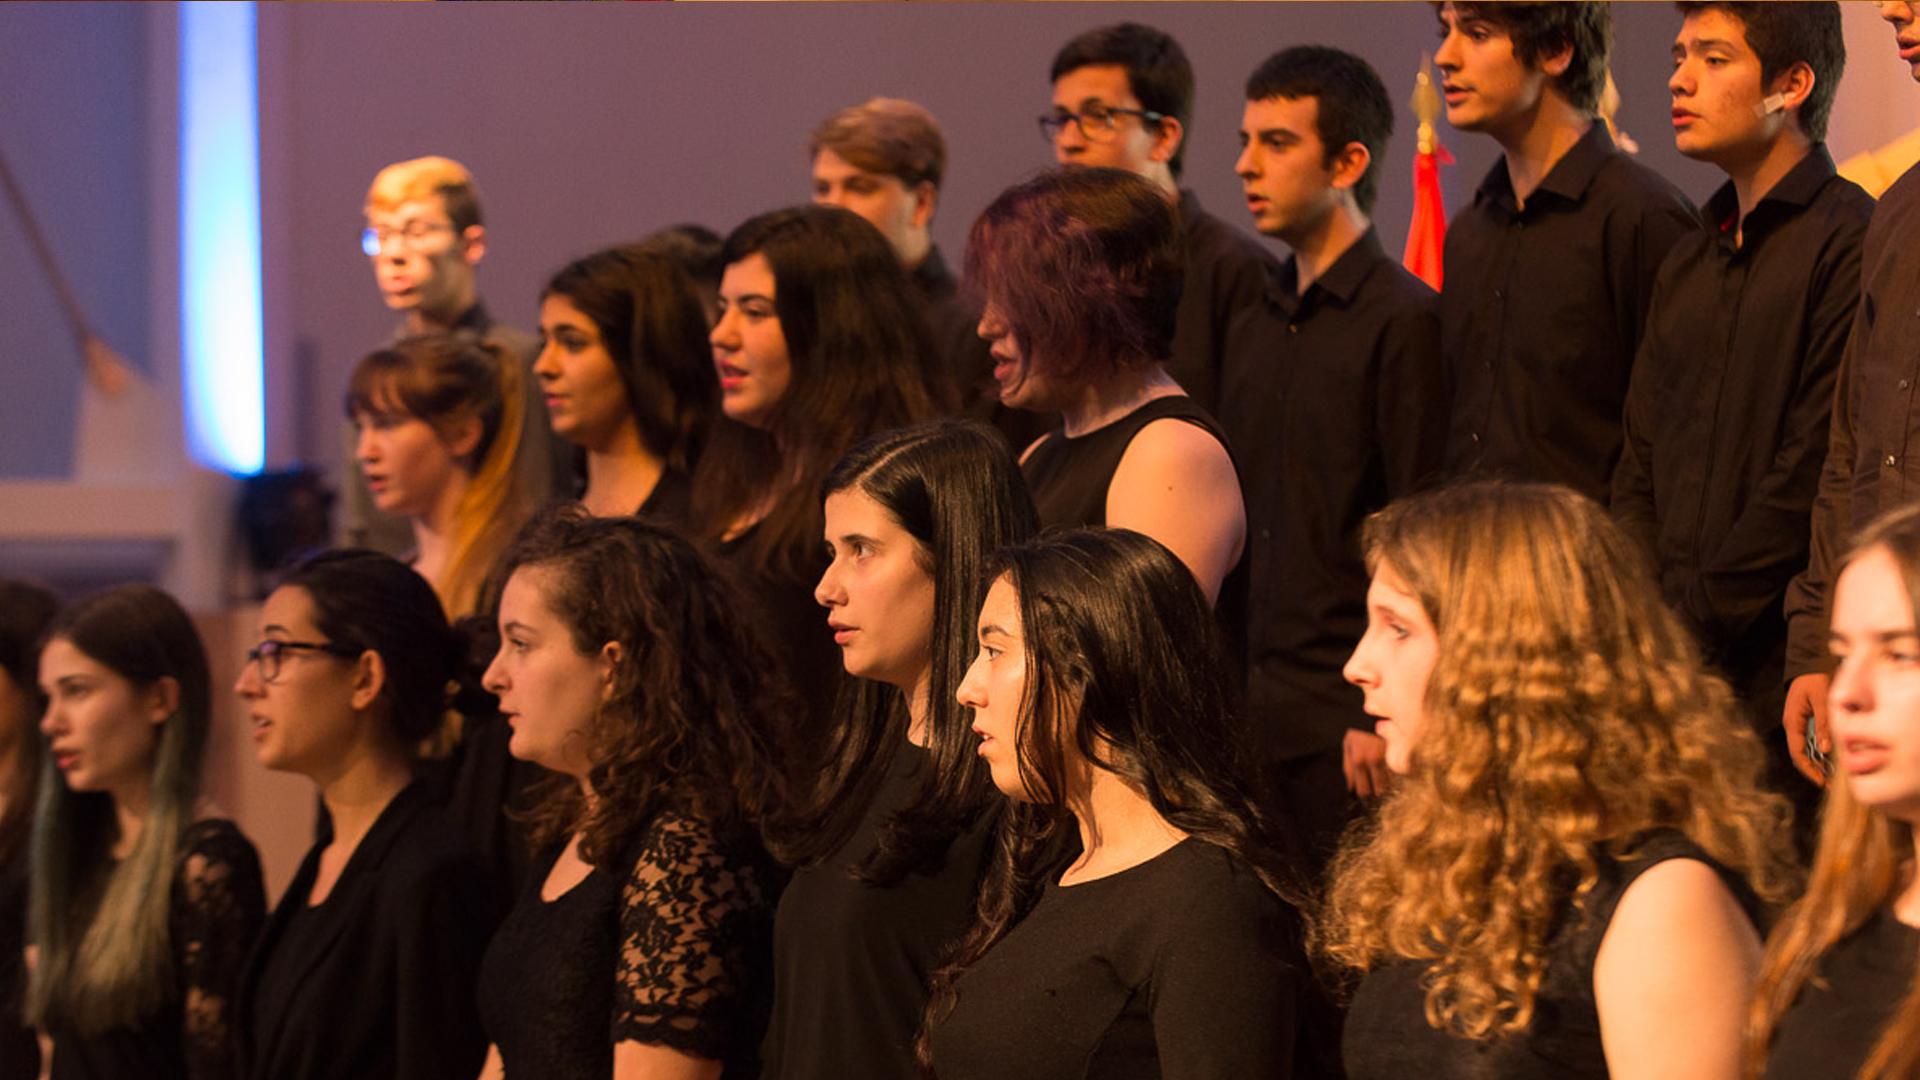 El Coro de la OSG pone en marcha una campaña para captar nuevas voces con las que reforzar el monumental Requiem de Verdi que ofrecerá con la Sinfónica de Galicia en mayo de 2016